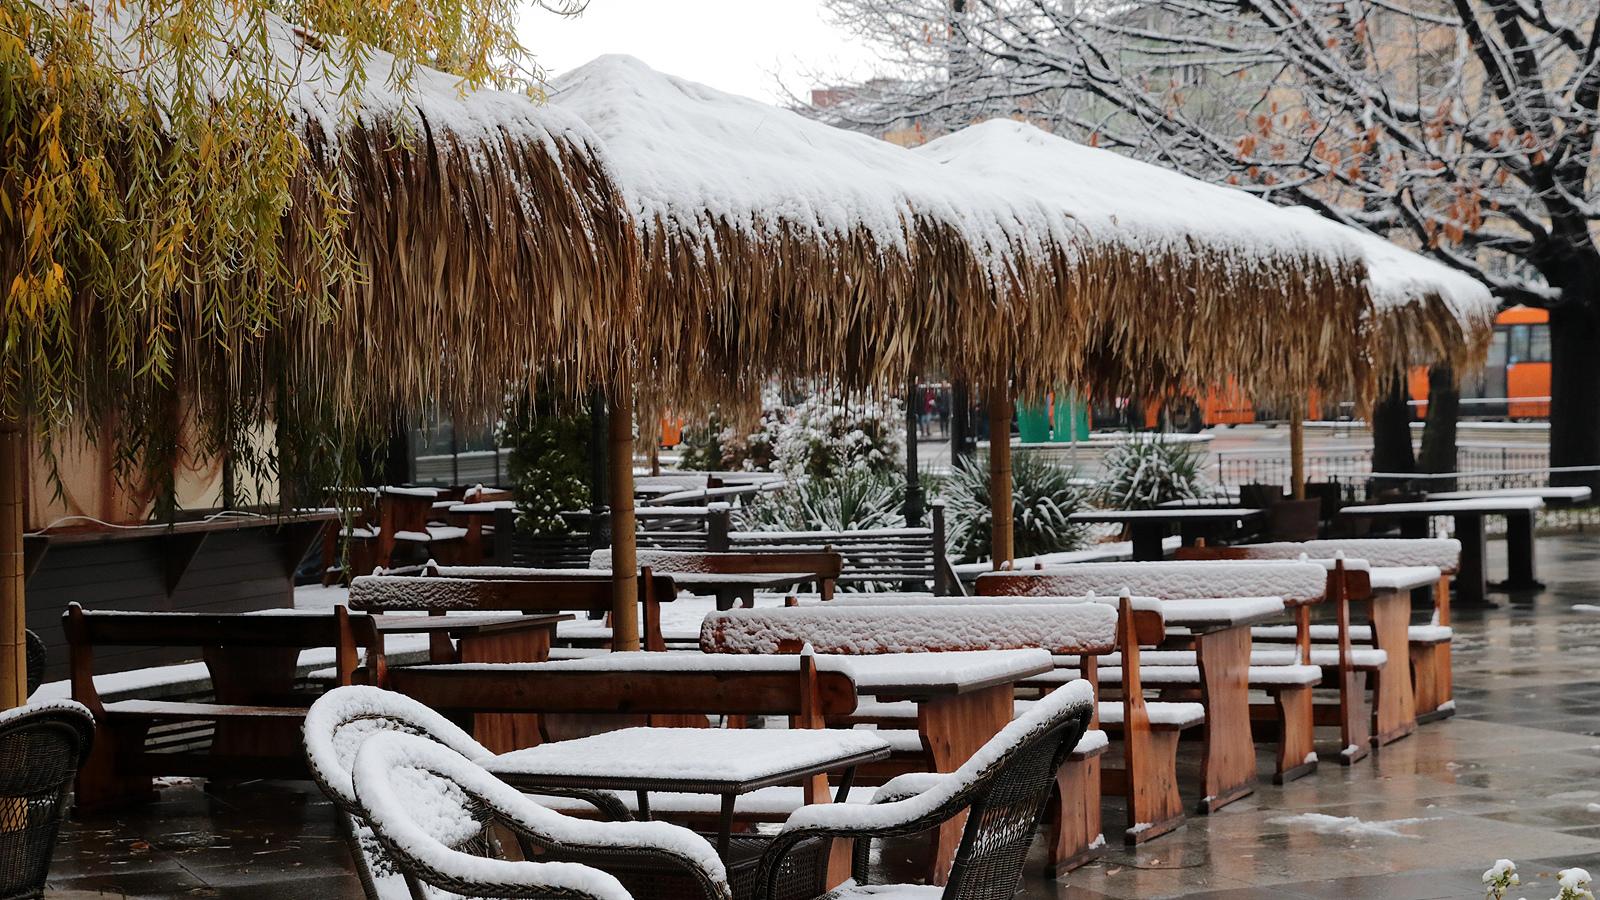 Днес спира да вали. Още преди обяд от югозапад валежите ще отслабват до вечерта и ще спрат, най-късно привечер в Североизточна България.